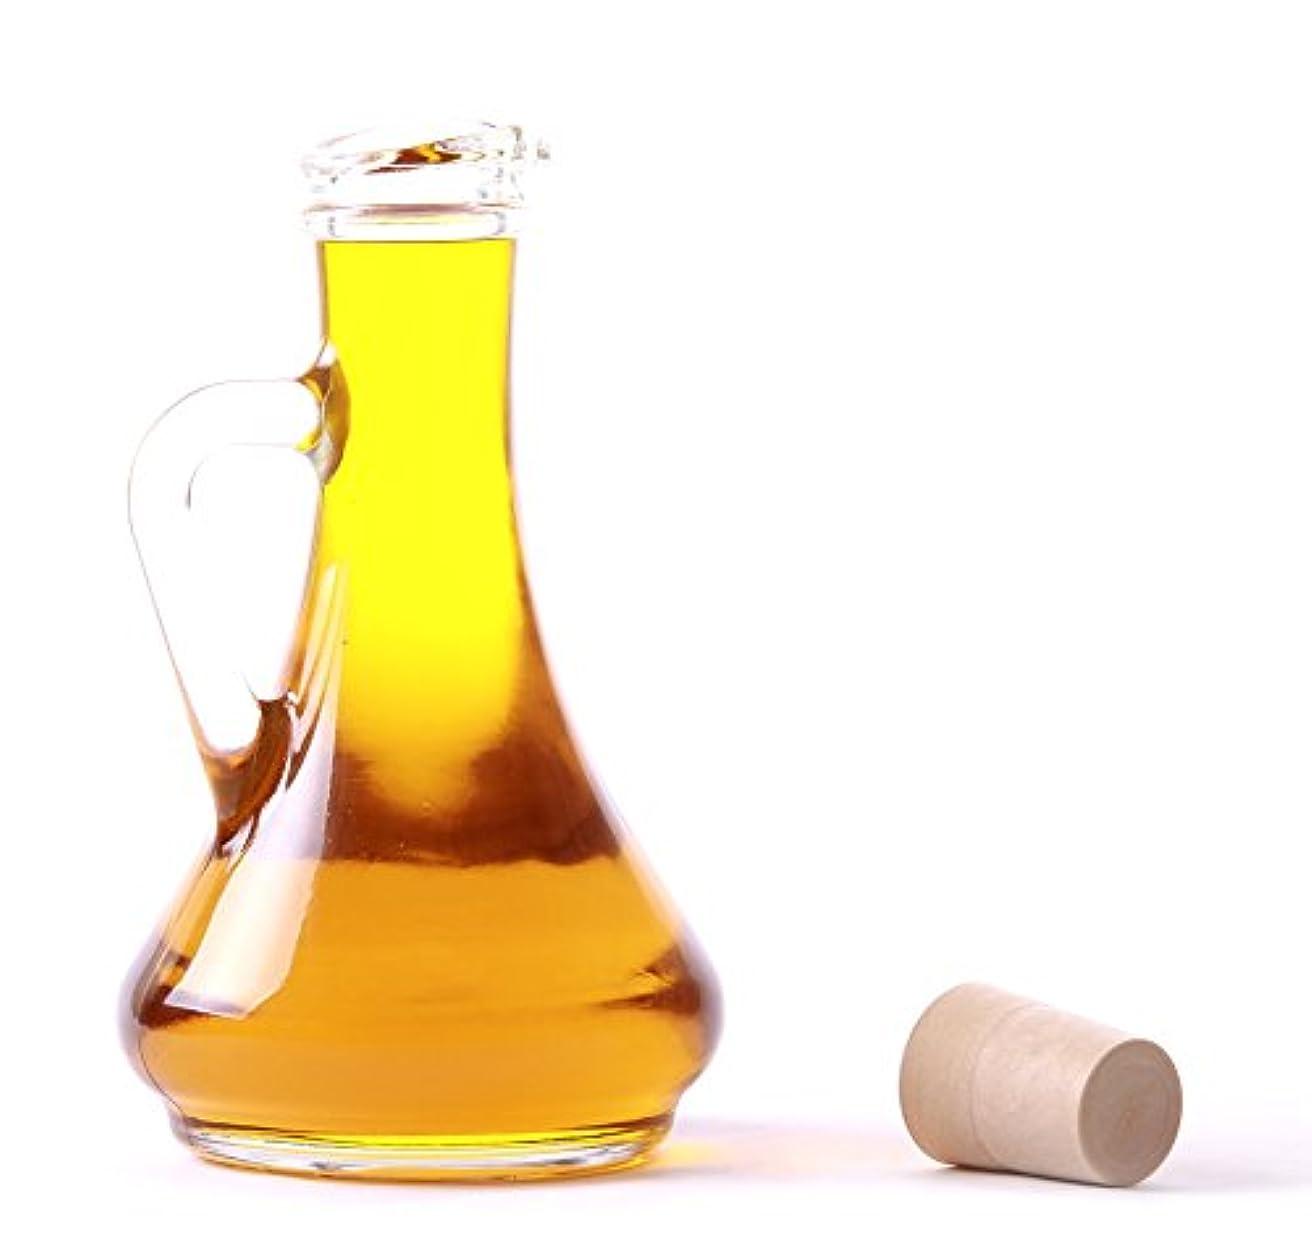 引き潮ちょうつがい報告書Mystic Moments | Flaxseed (Linseed) Organic Carrier Oil - 5 Litre - 100% Pure